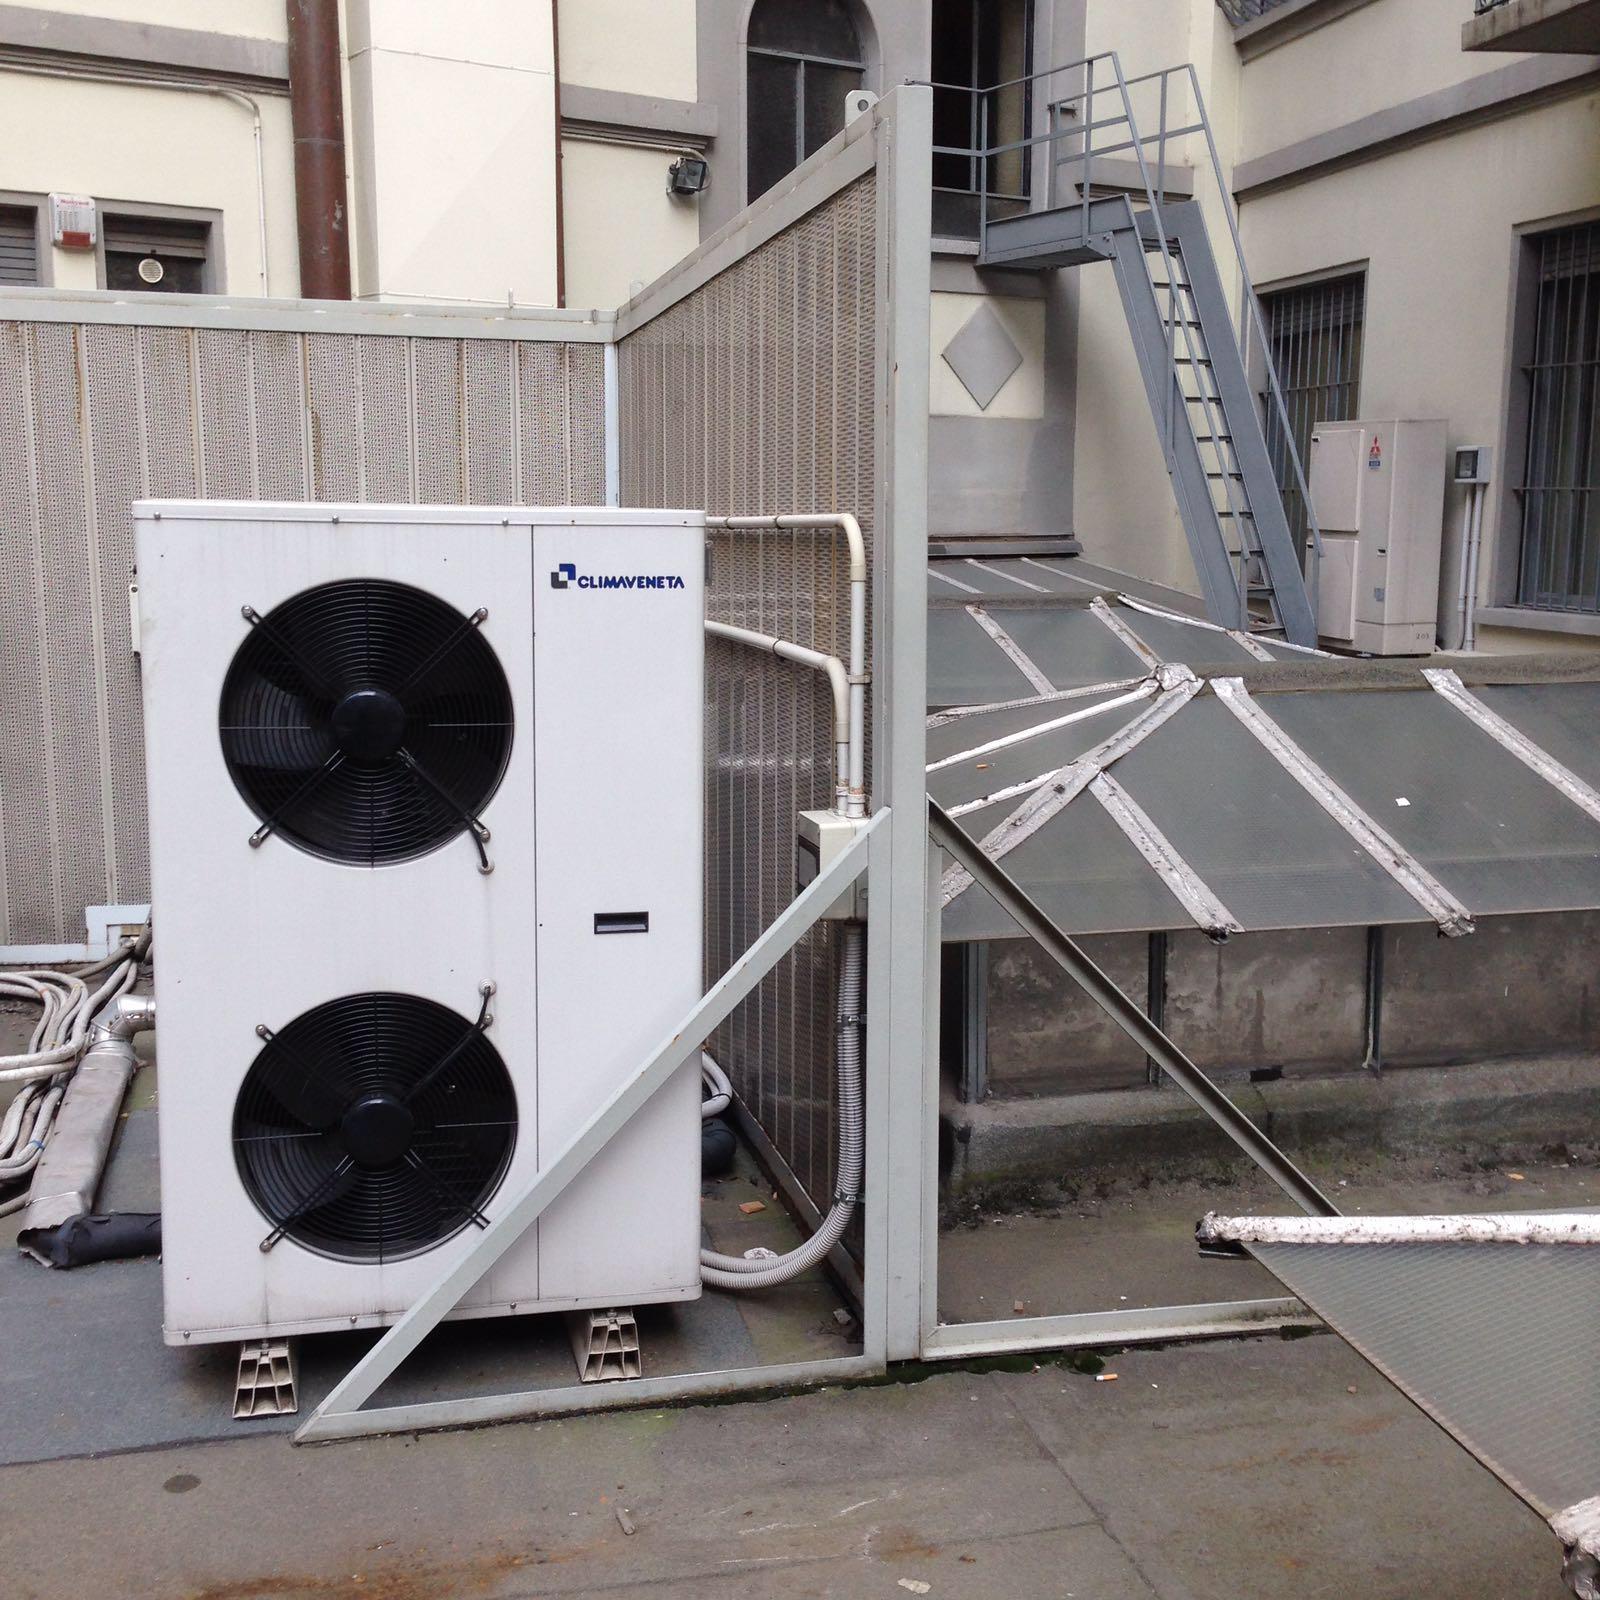 quaseo-installazione (2)